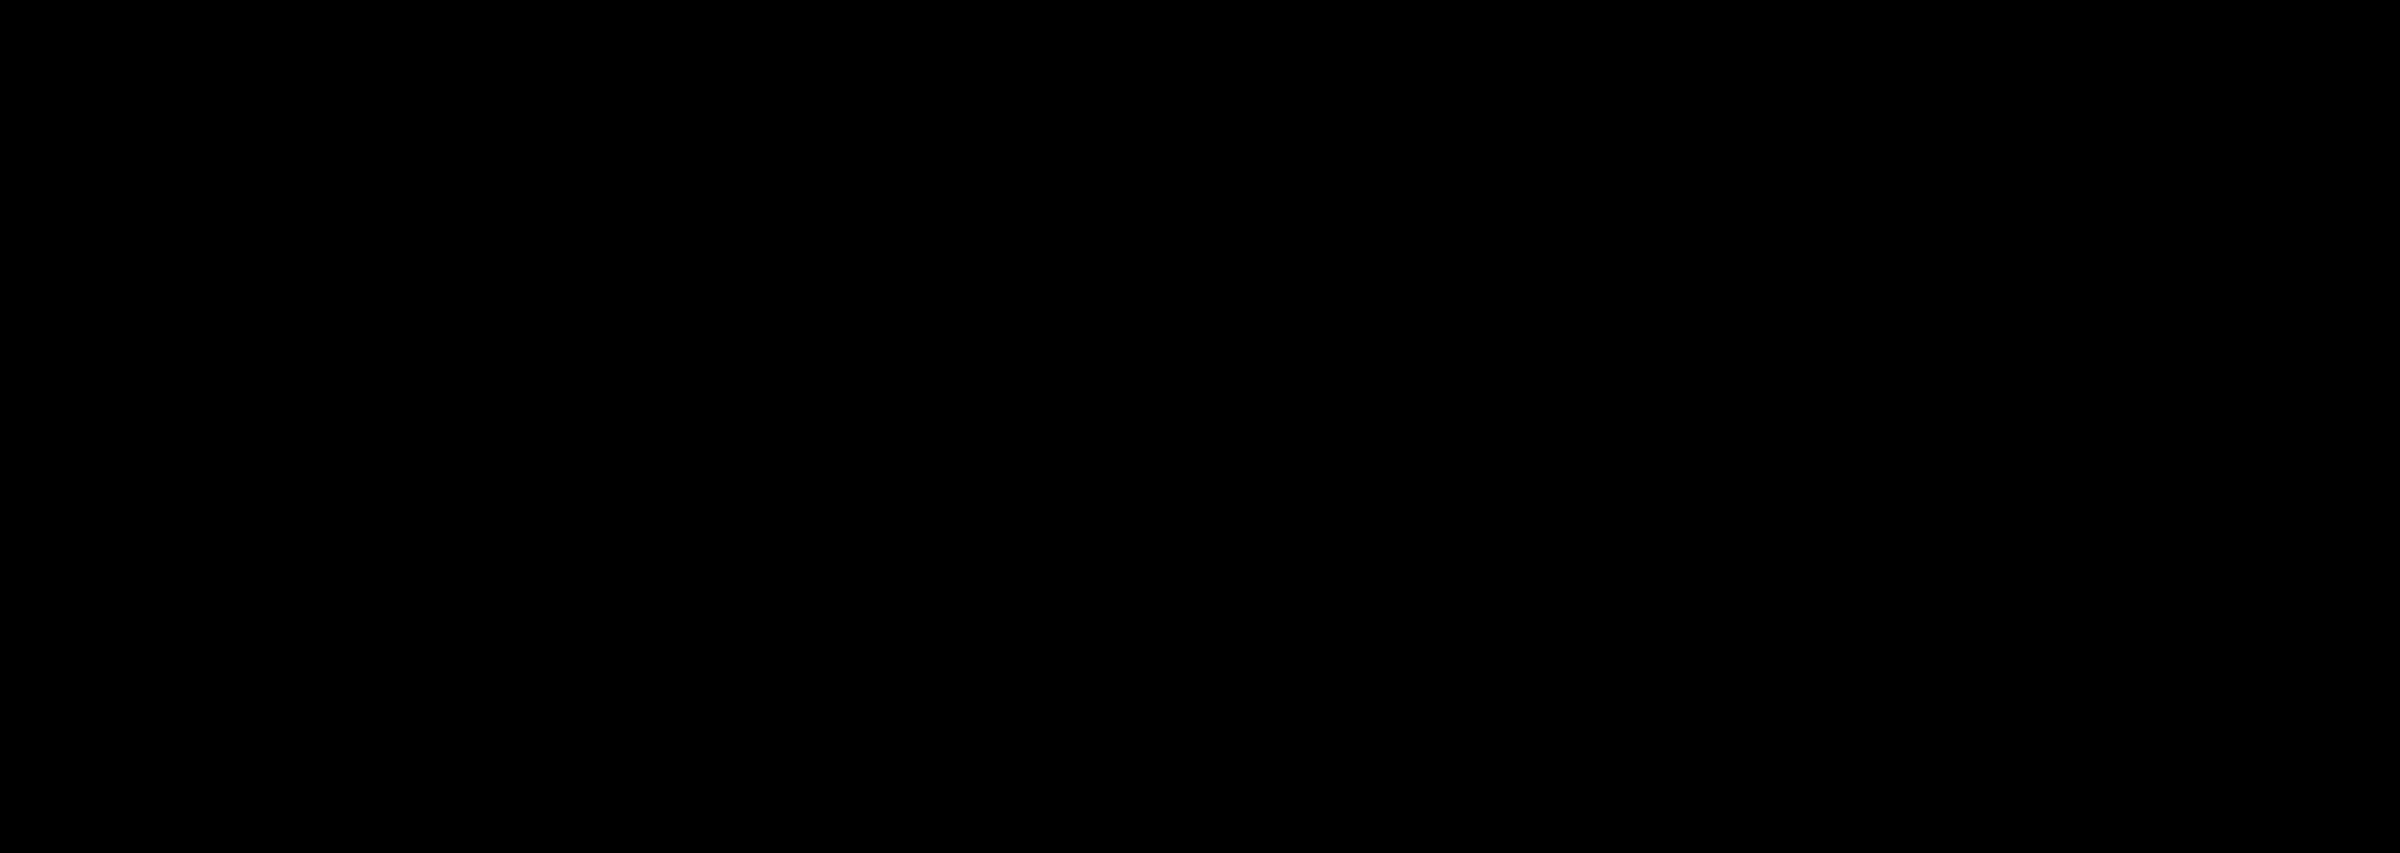 2400x853 Black Bat Clipart 1868406